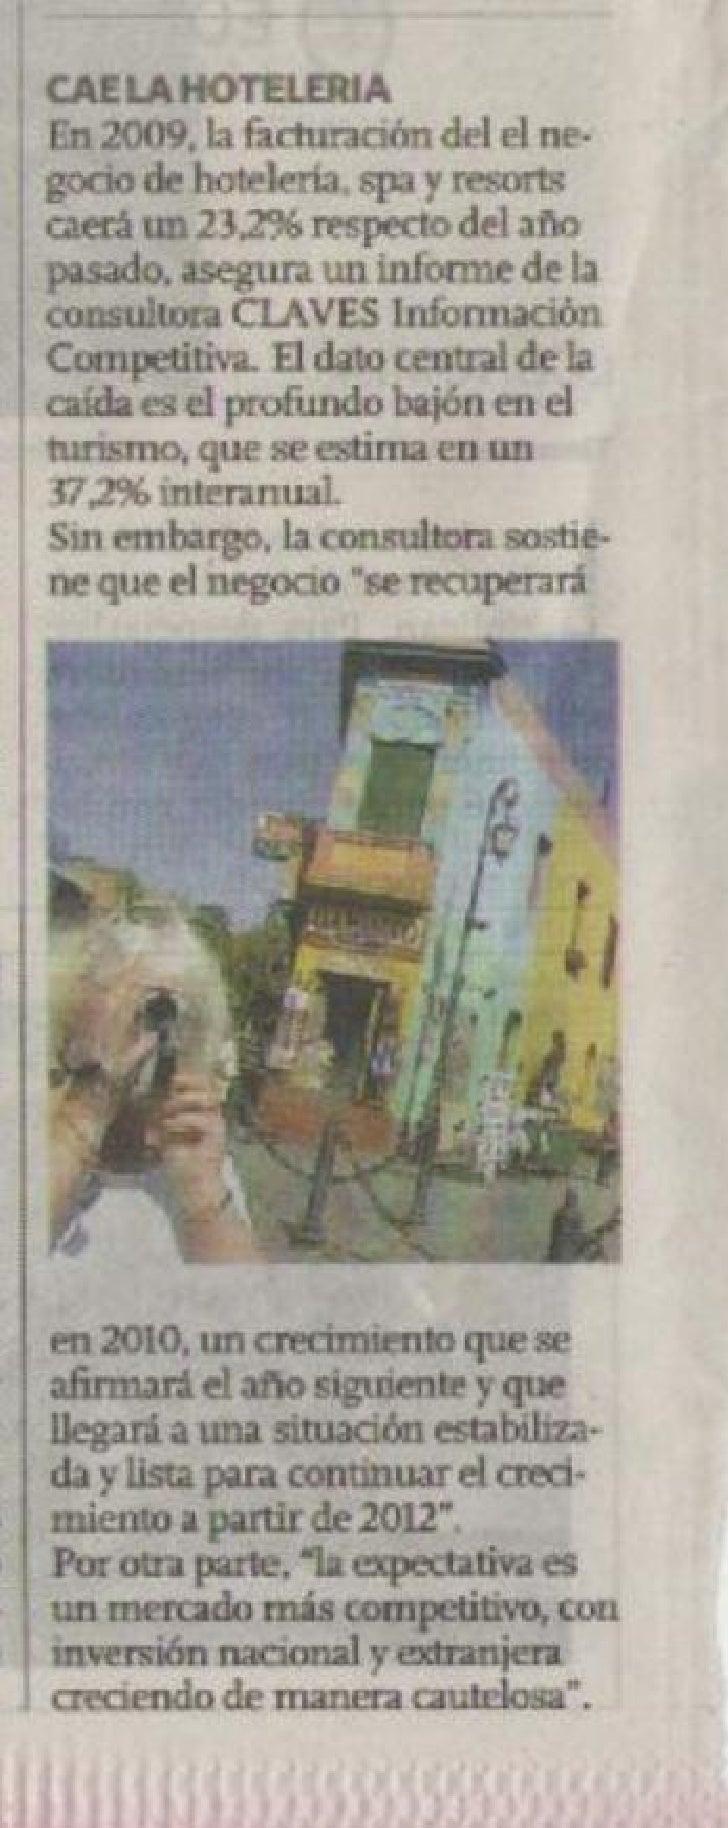 CAE LA HOTELERIA EN ARGENTINA